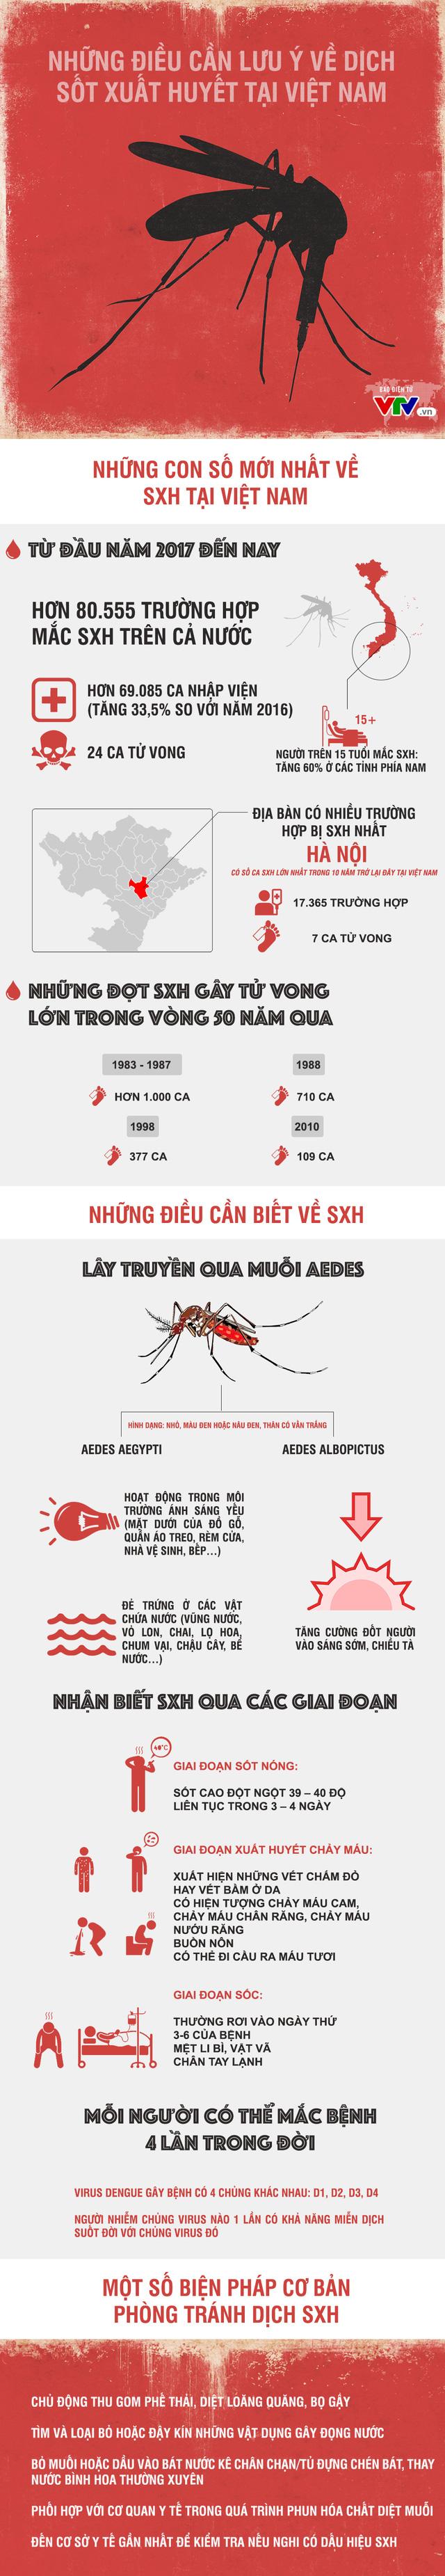 INFOGRAPHIC: Những điều cần lưu ý về dịch sốt xuất huyết tại Việt Nam - Ảnh 1.